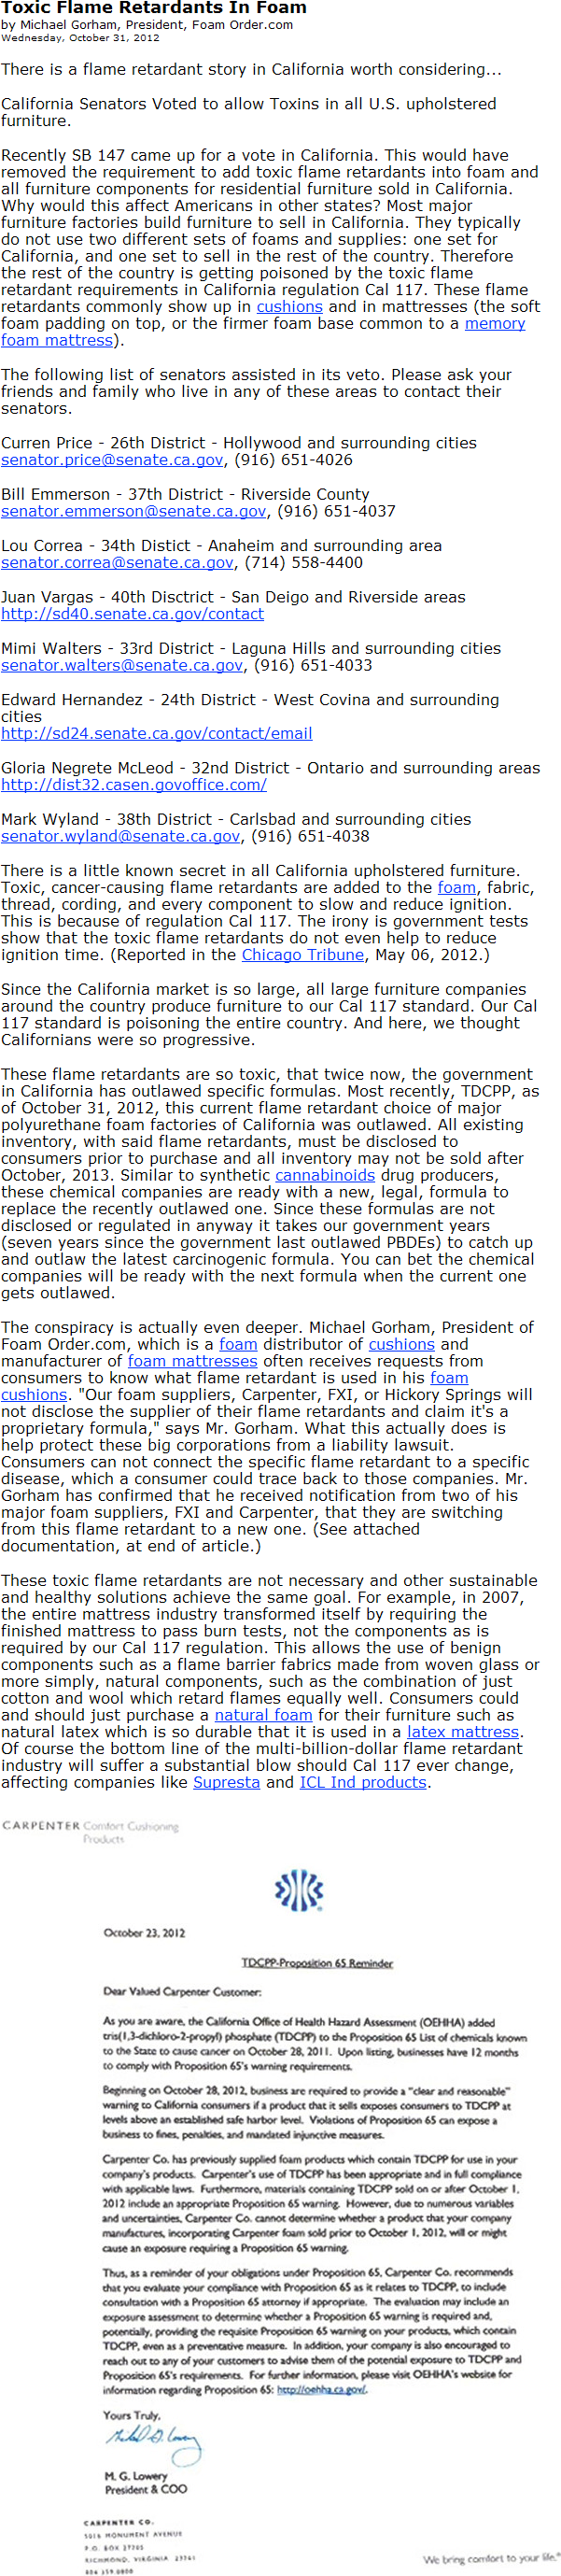 Letter from Foamorder president Michael Gorham